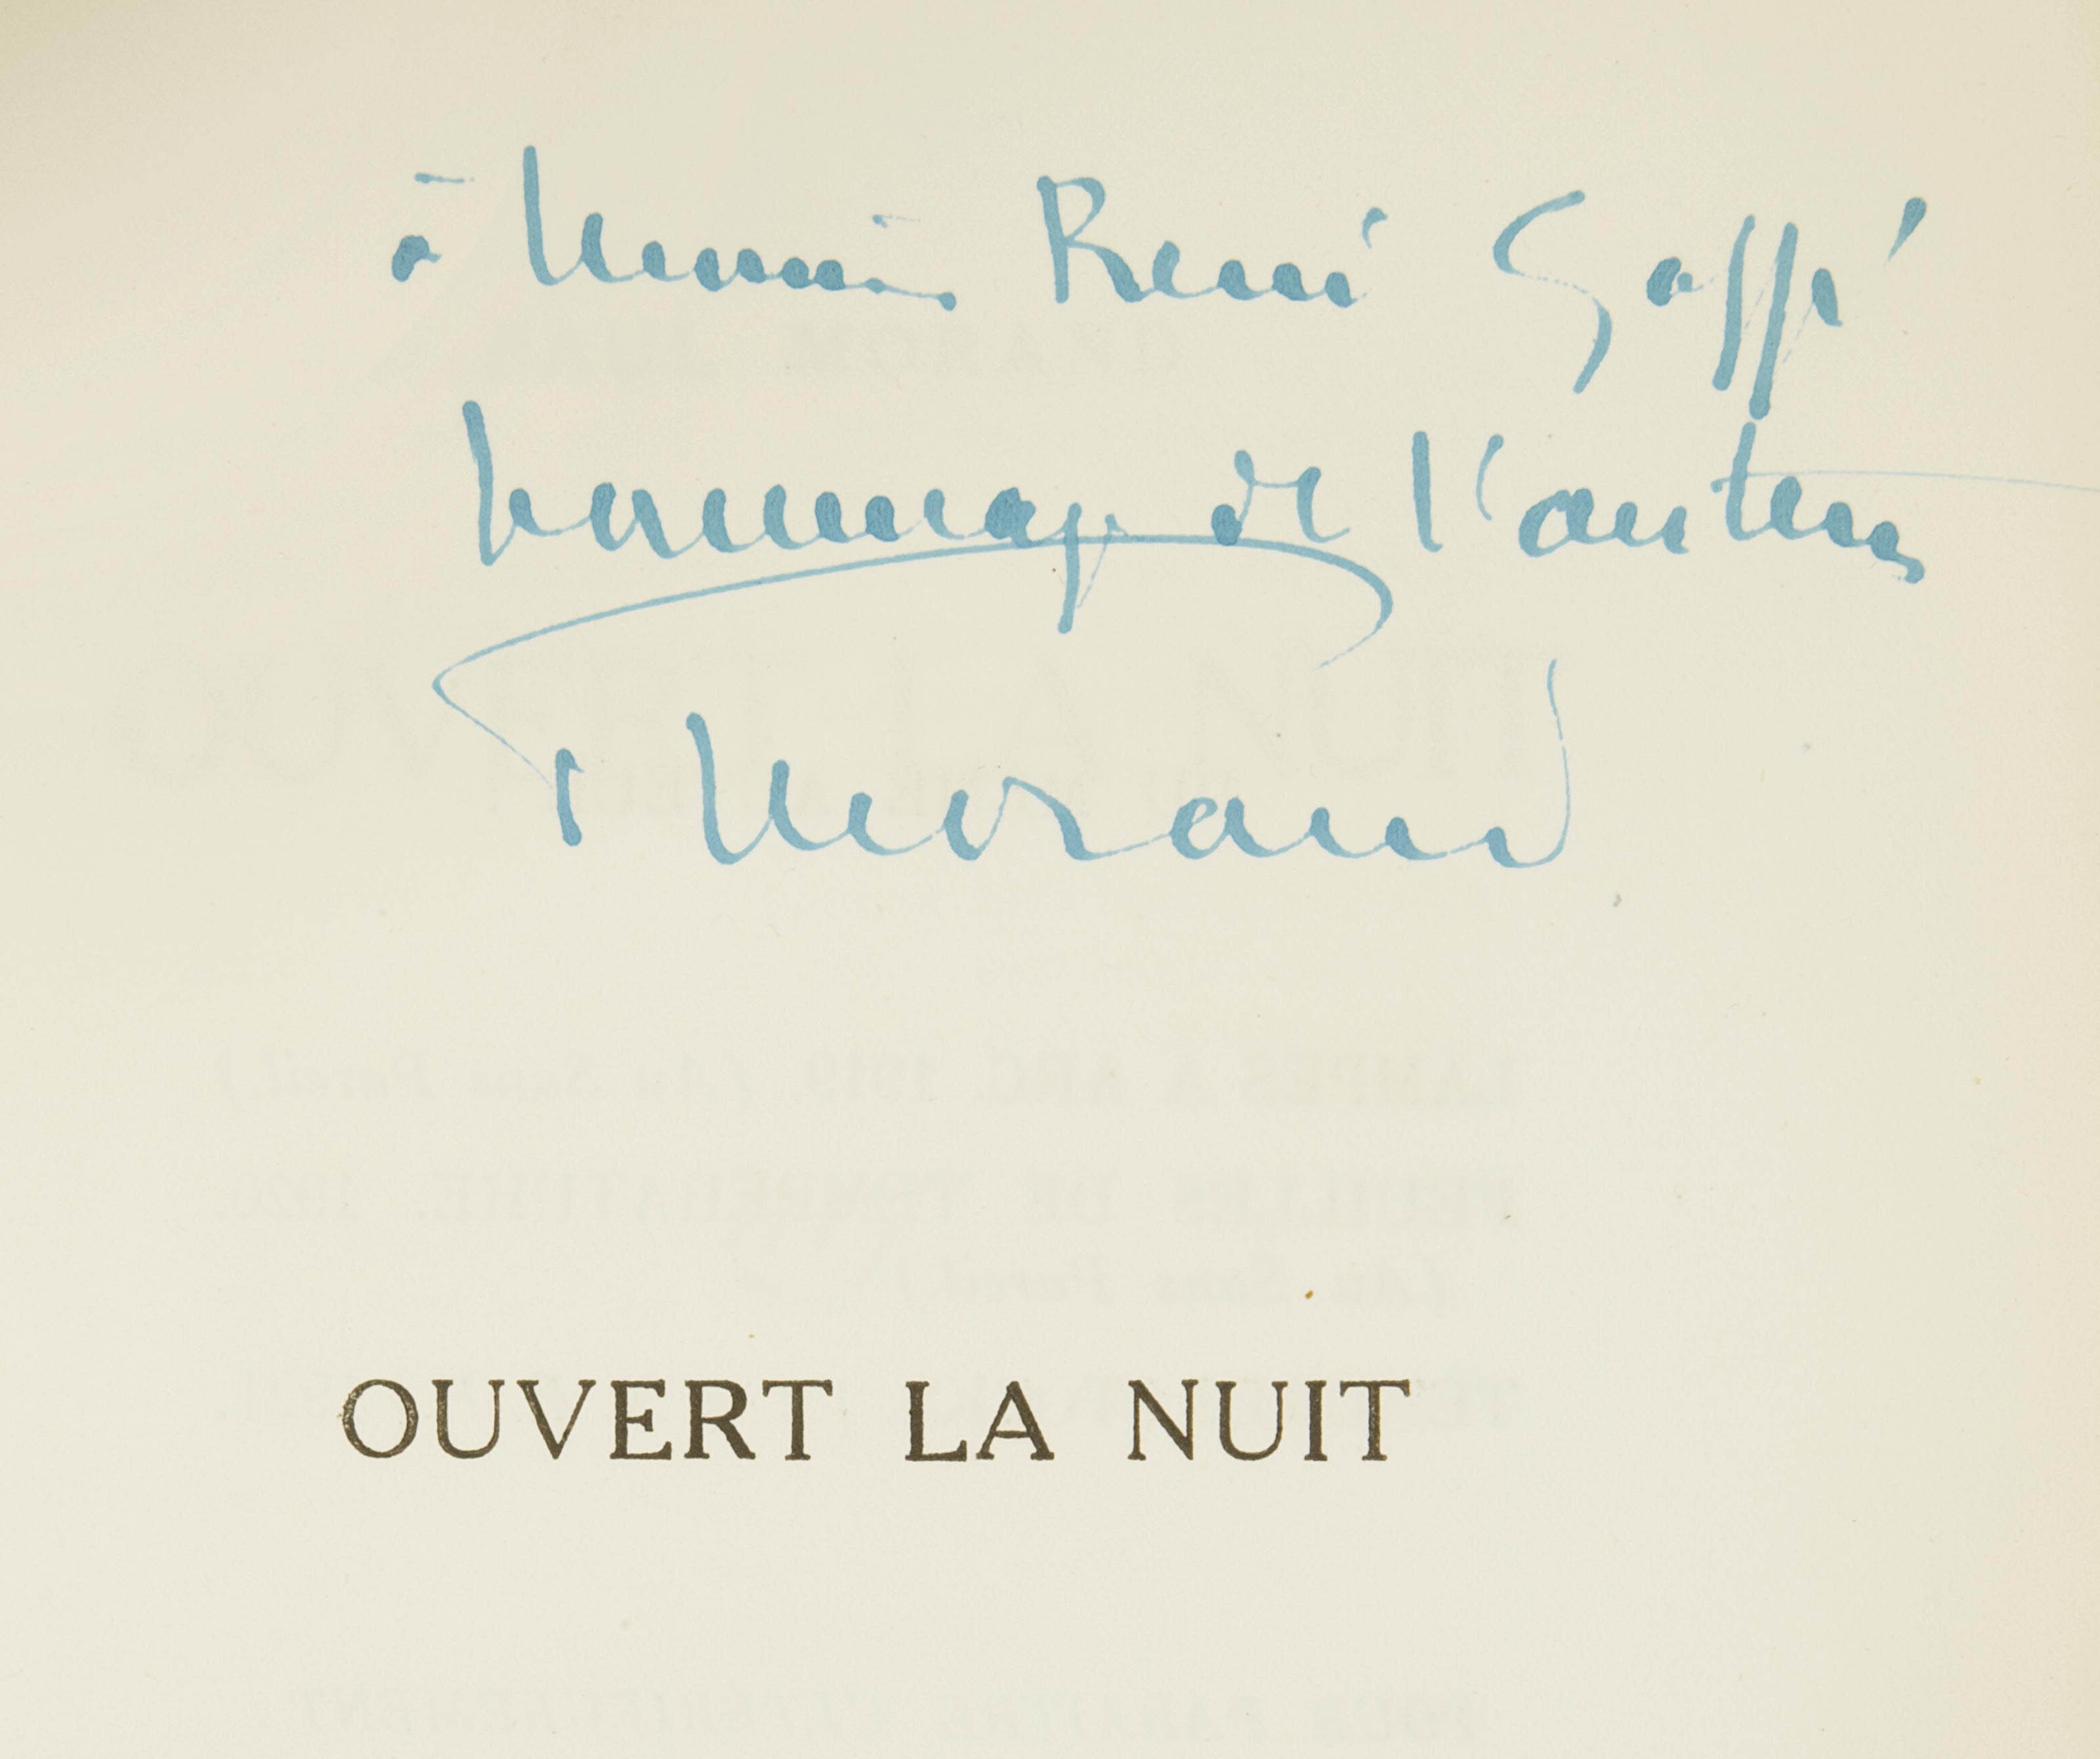 MORAND, Paul (1888-1976). Ouvert la nuit. Paris: NRF, 1922.